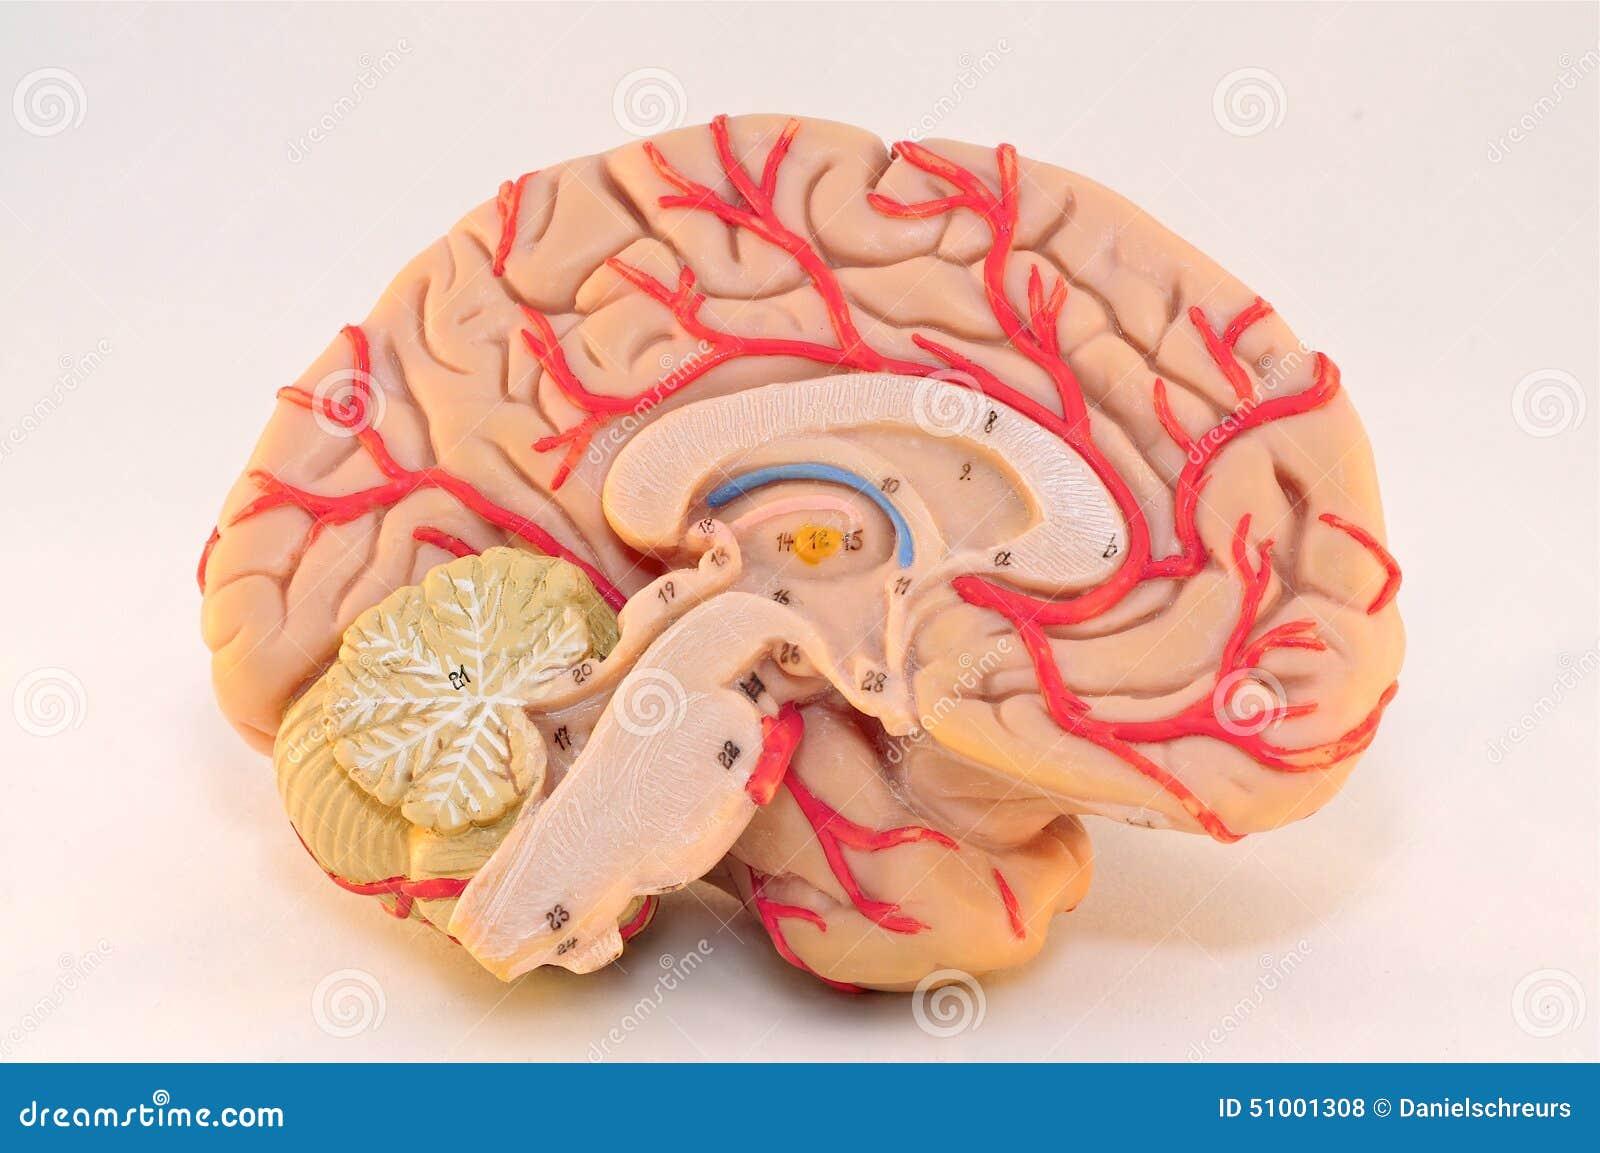 Menschliches Zerebrale Hemisphären-Anatomie-Modell (Mittelansicht ...